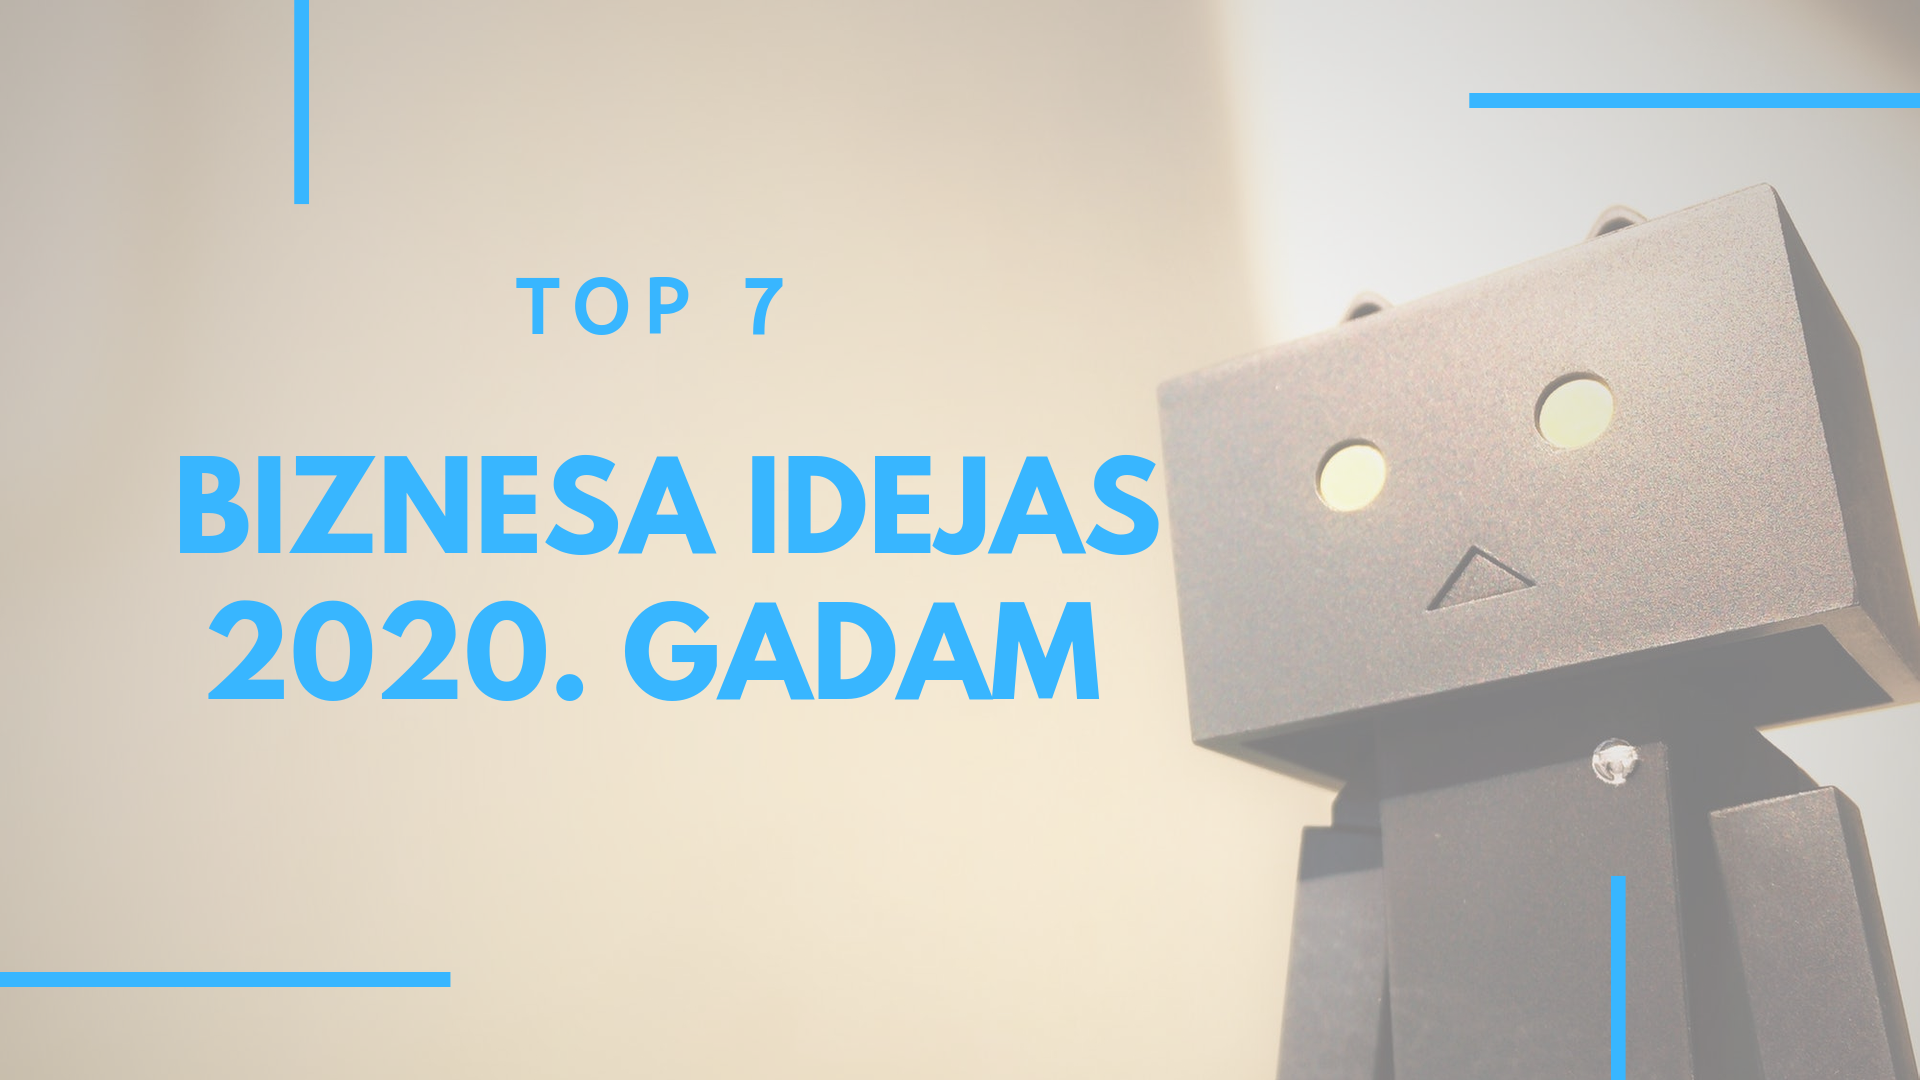 7 TOP biznesa idejas 2020.gadam